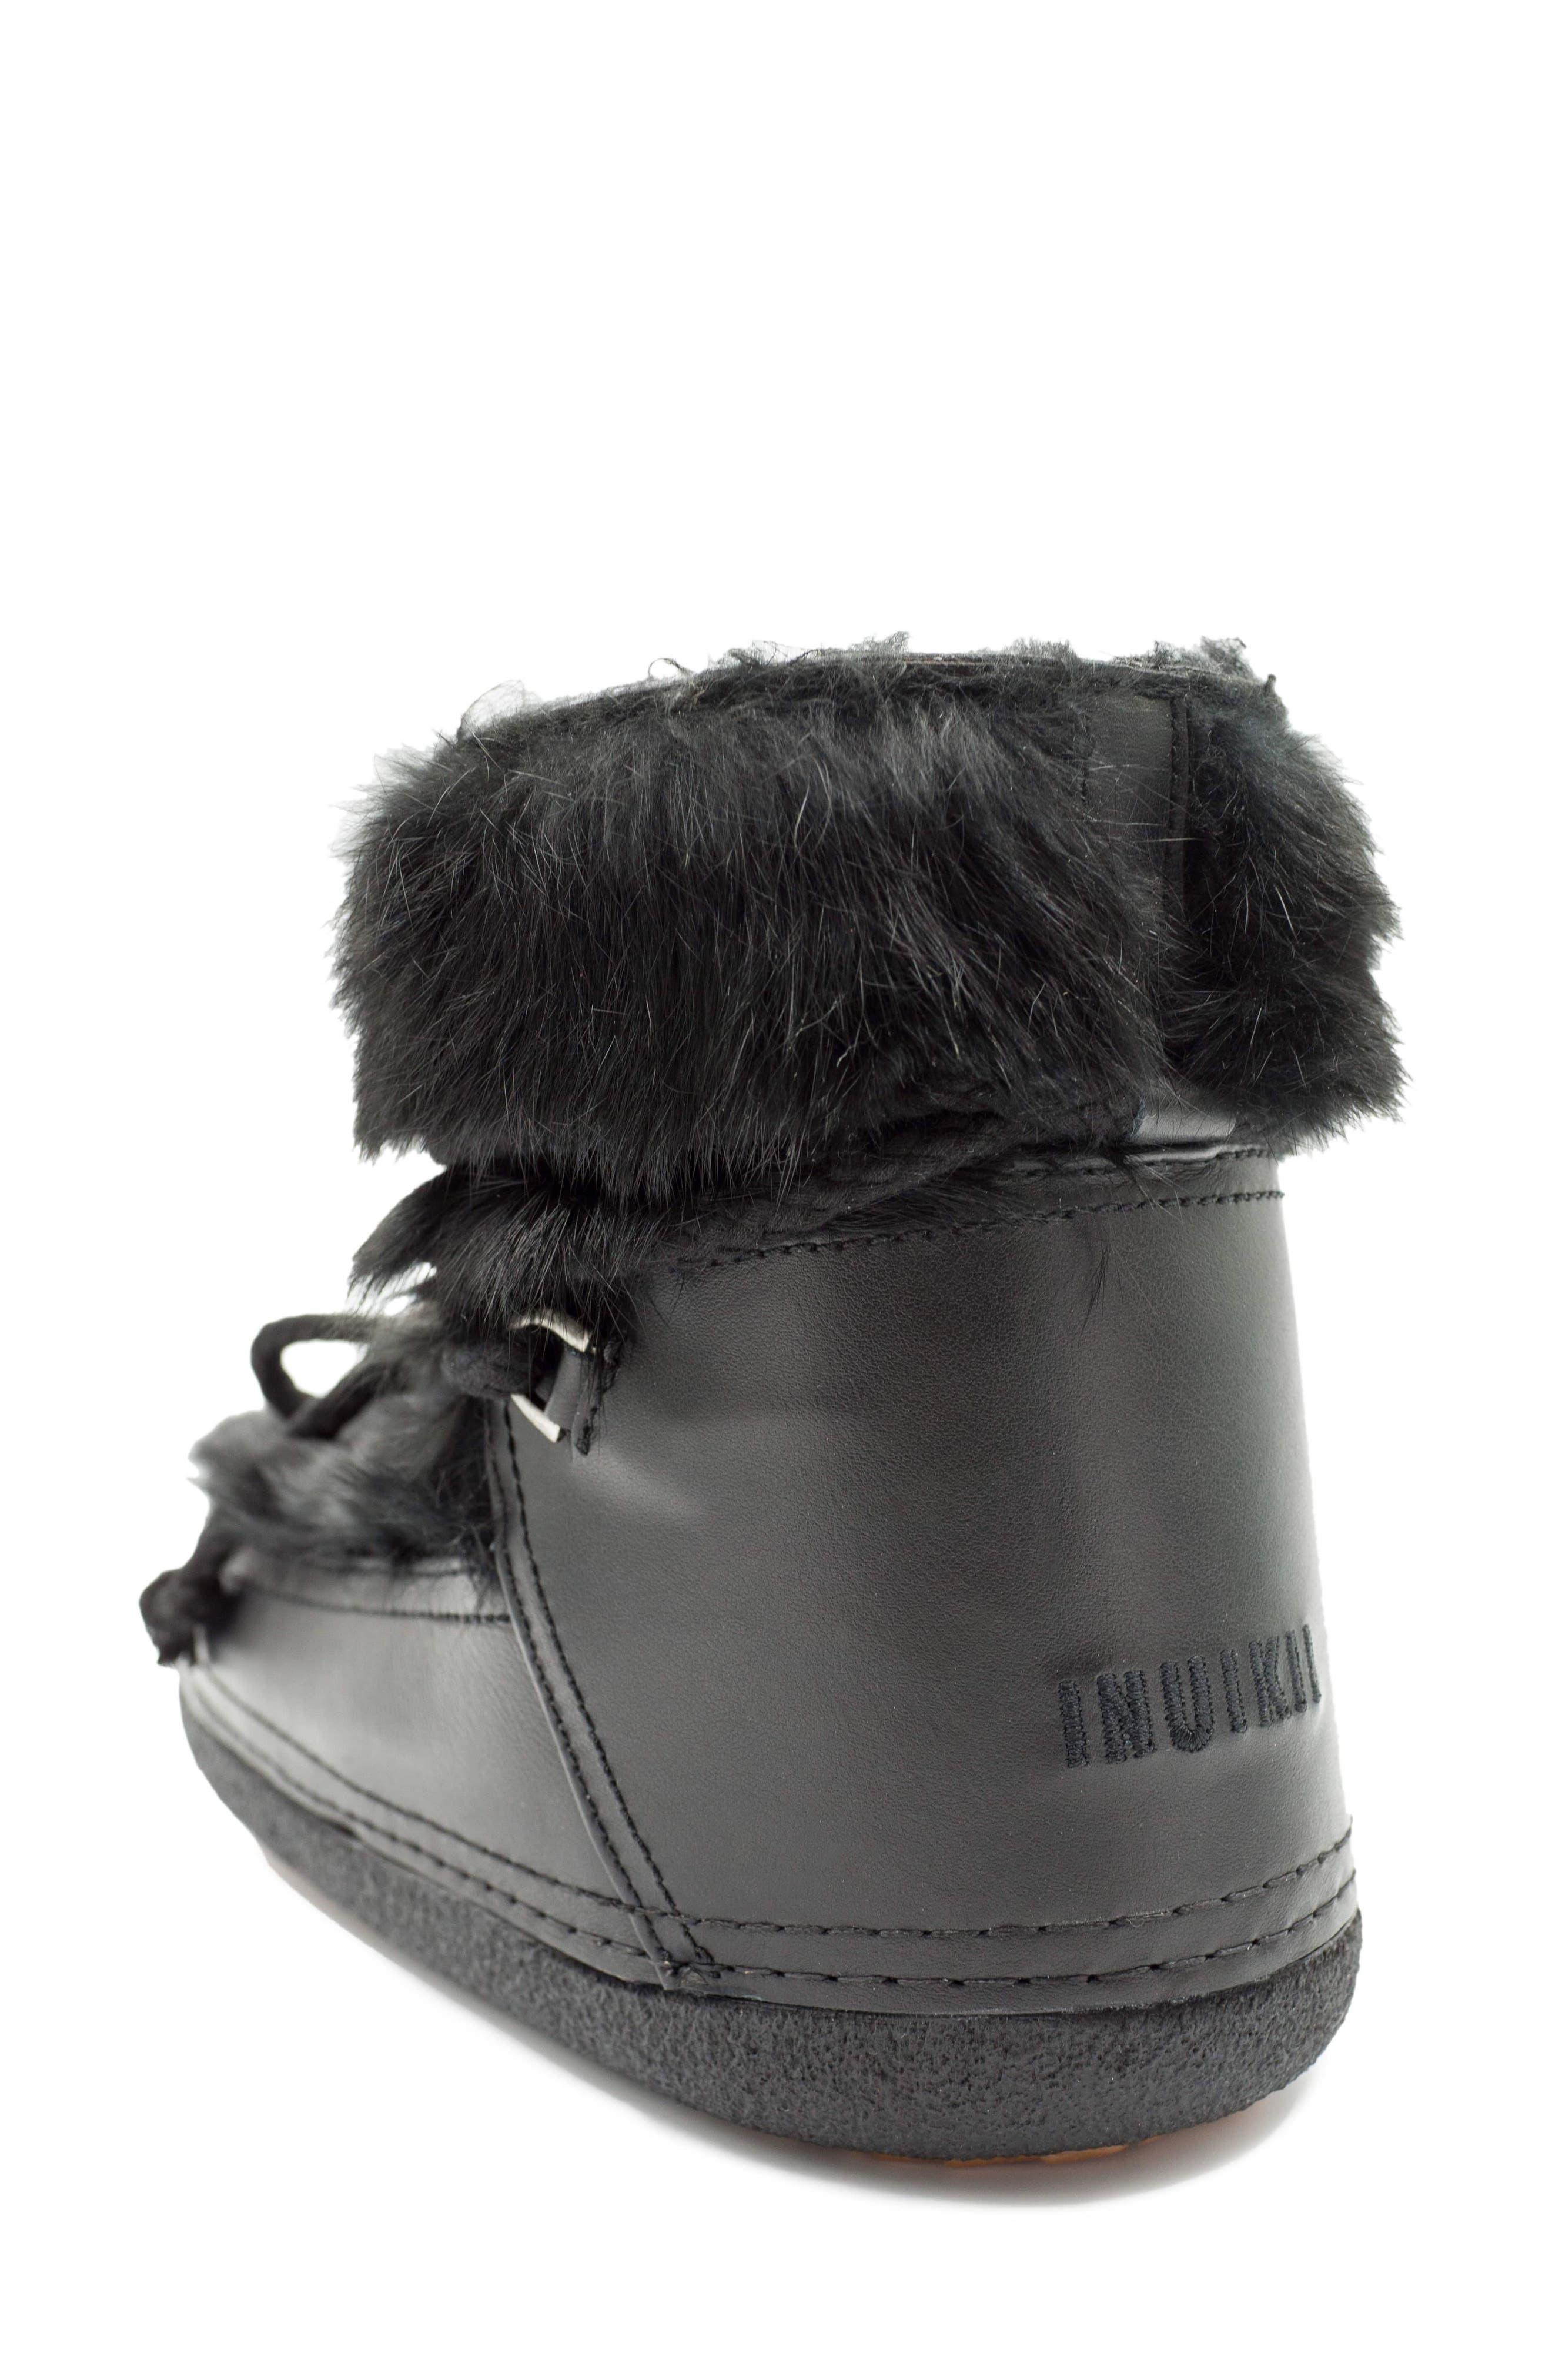 Genuine Rabbit Fur & Leather Bootie,                             Alternate thumbnail 2, color,                             BLACK